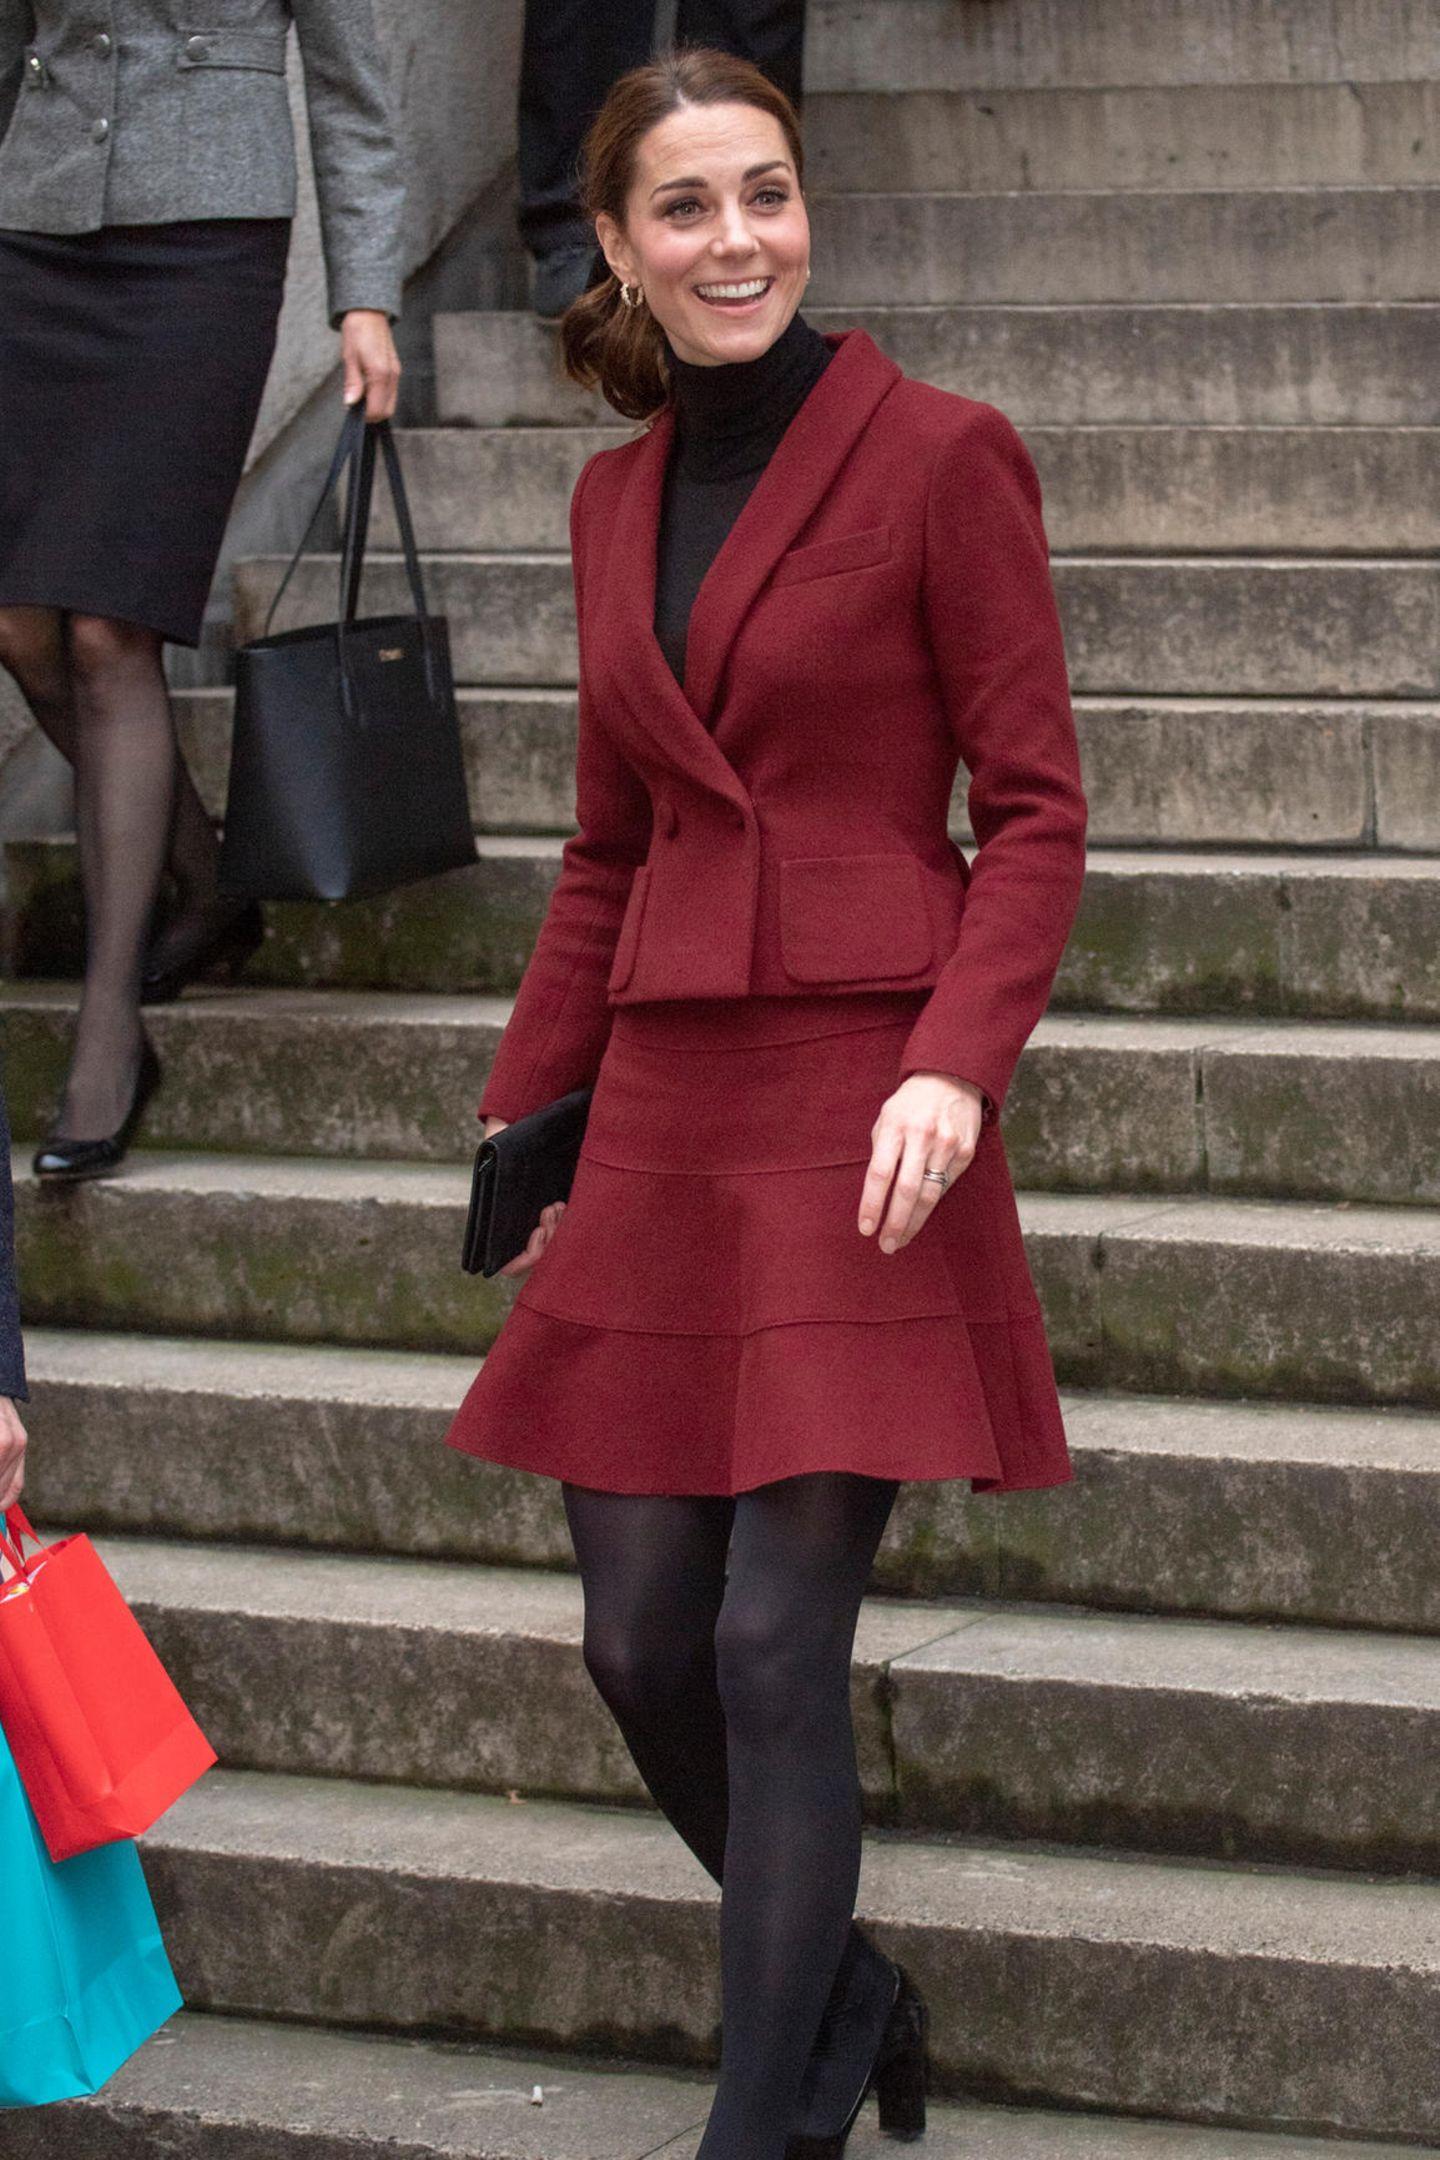 Auch Herzogin Catherine stattet einer Londoner Uni an diesem Tag einen Überraschungsbesuch ab. Sie wählt ebenfalls einen weinroten Look: Ihr Ensemble bestehend aus Blazer und Rock stammt aus der Feder der französischen Designerin Paule Ka.